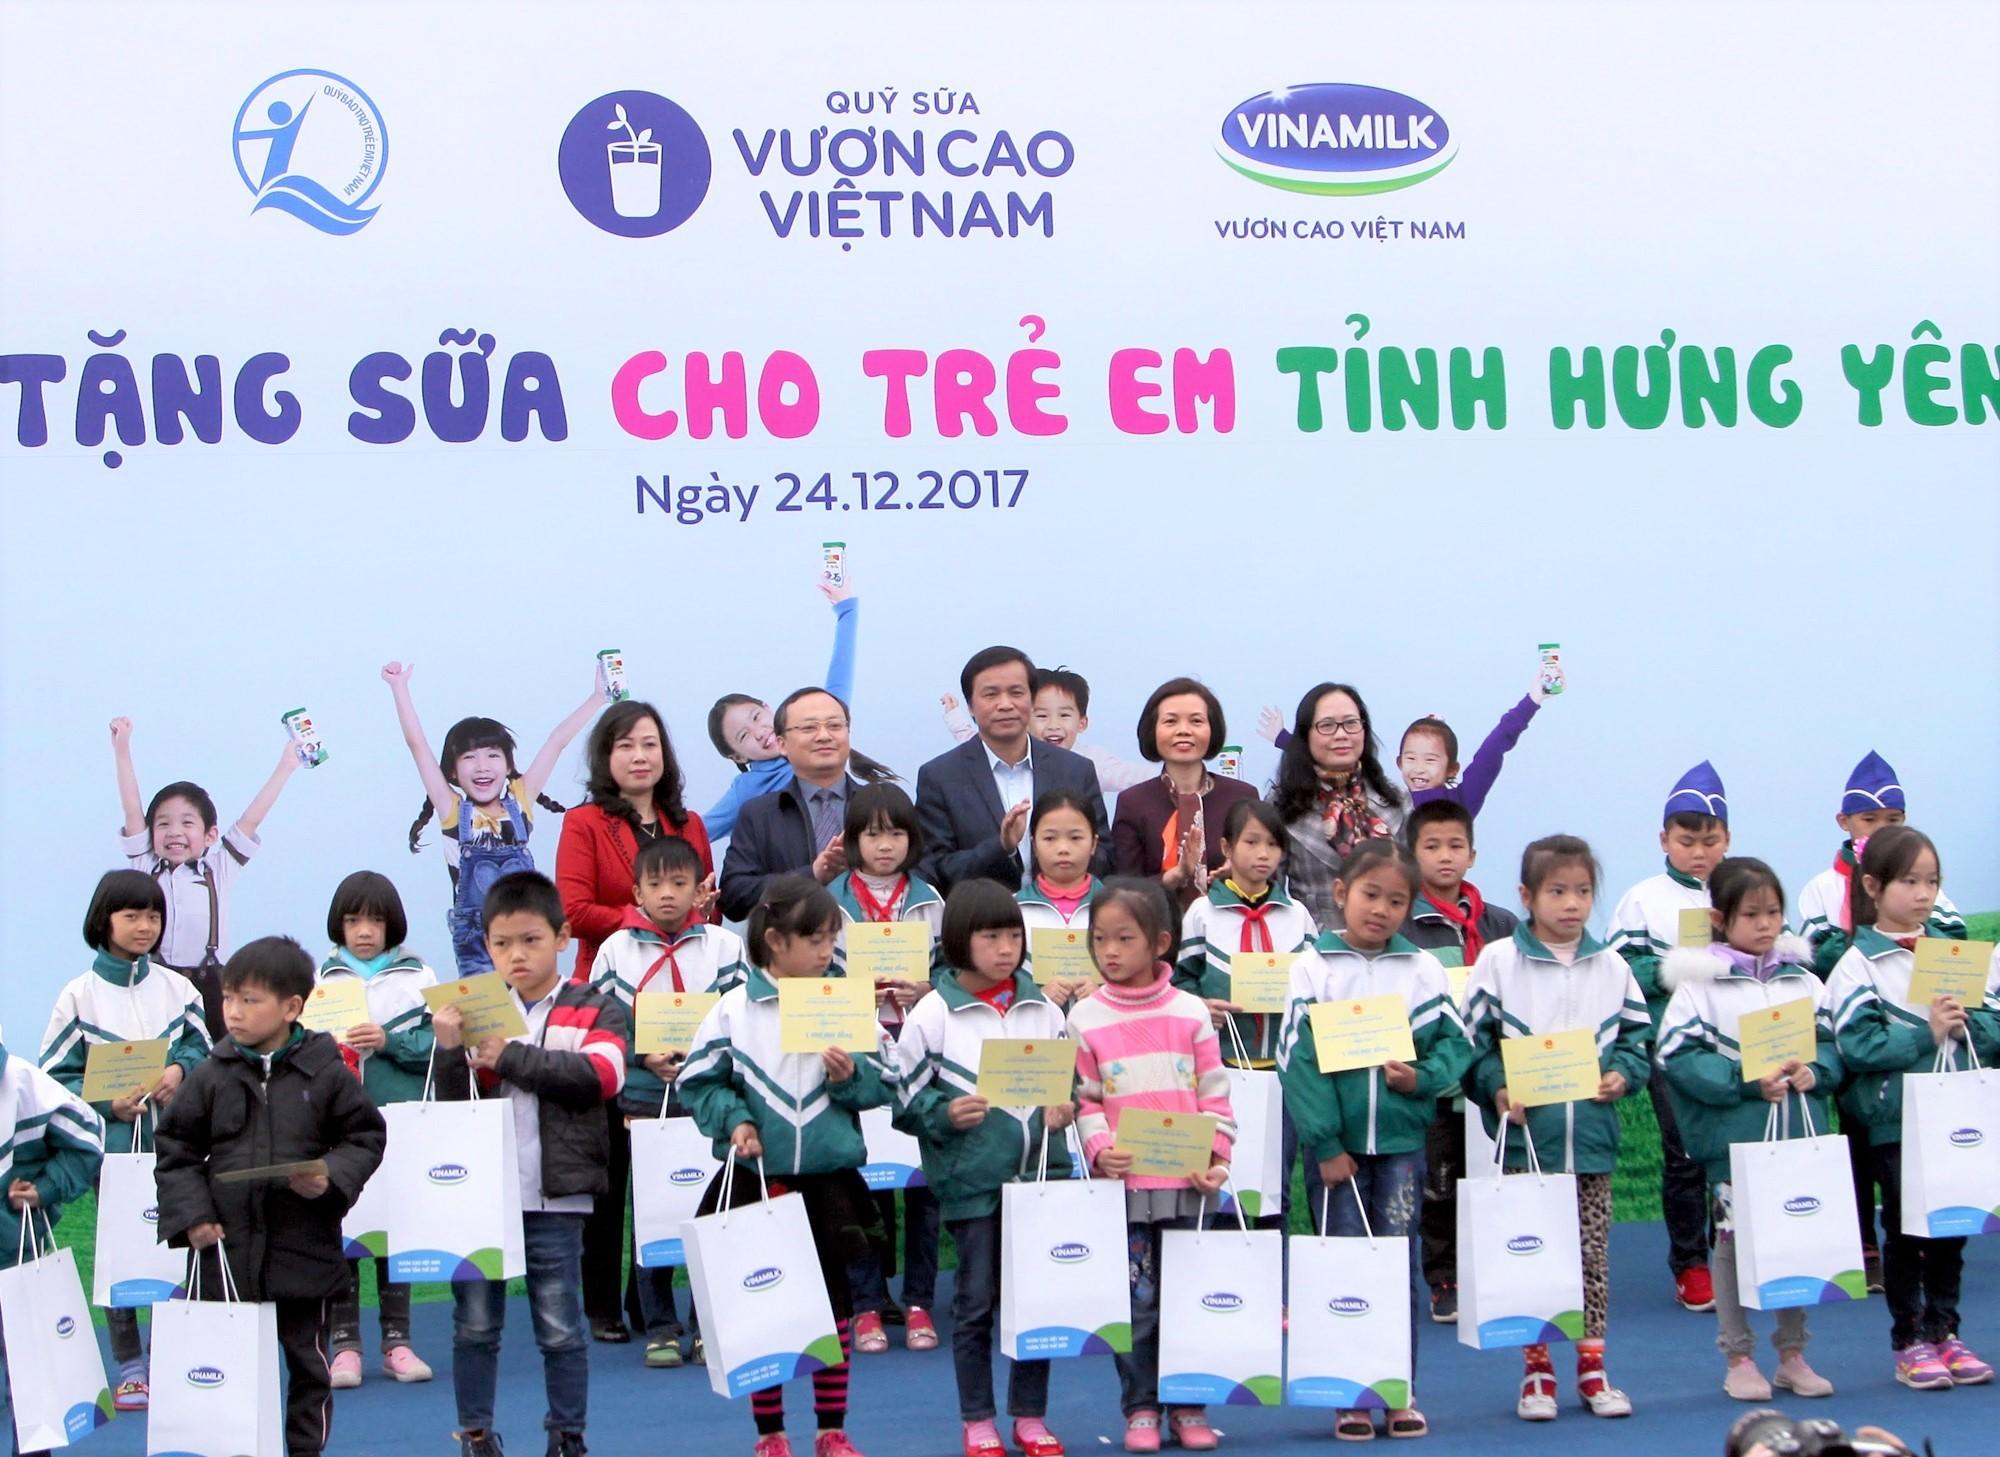 Xã hội - Quỹ sữa vươn cao Việt Nam đem niềm vui cuối năm đến trẻ em tỉnh Hưng Yên (Hình 5).